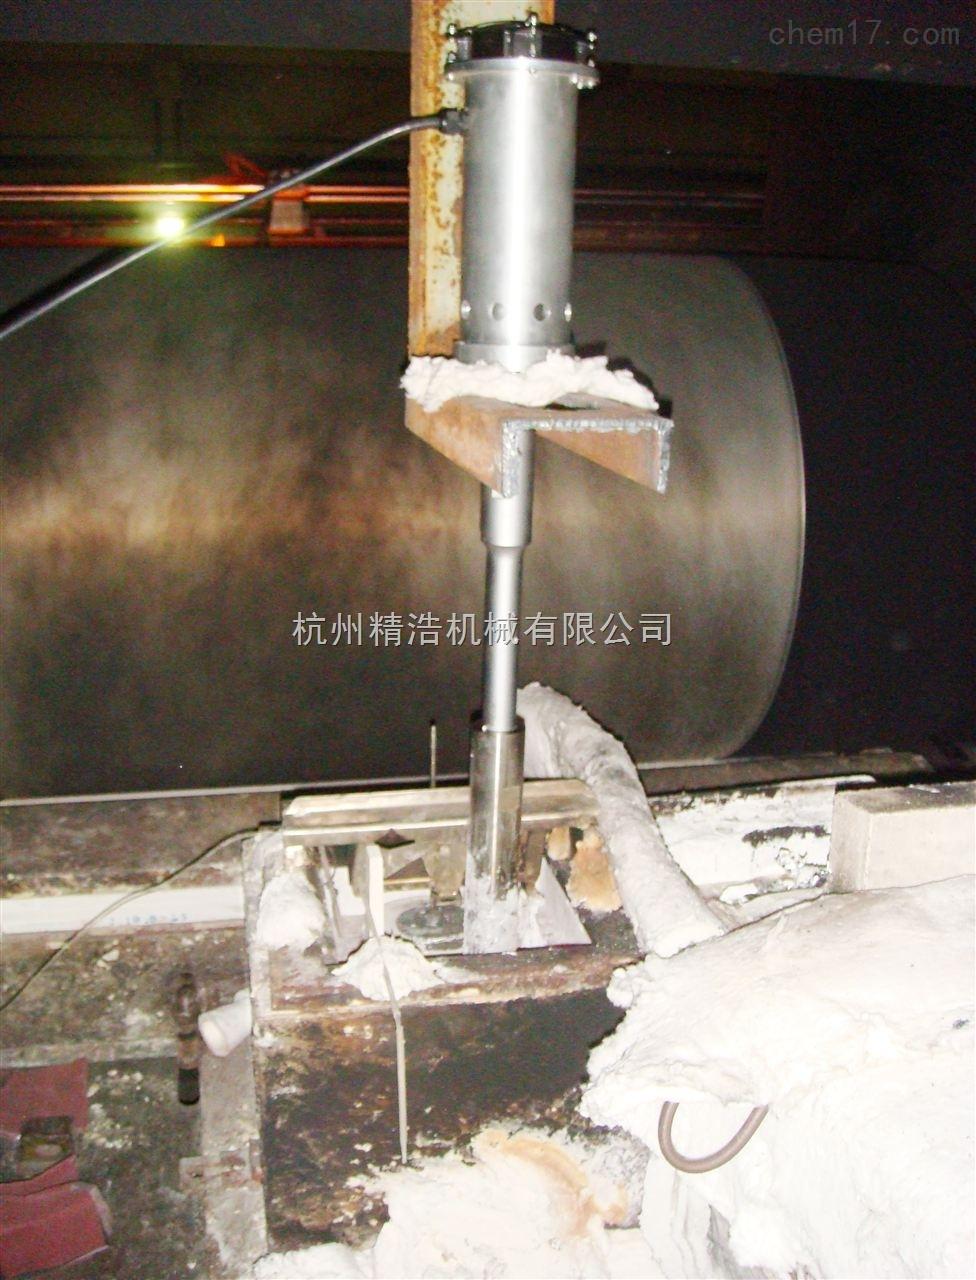 工厂超声波铝熔体晶粒分散机